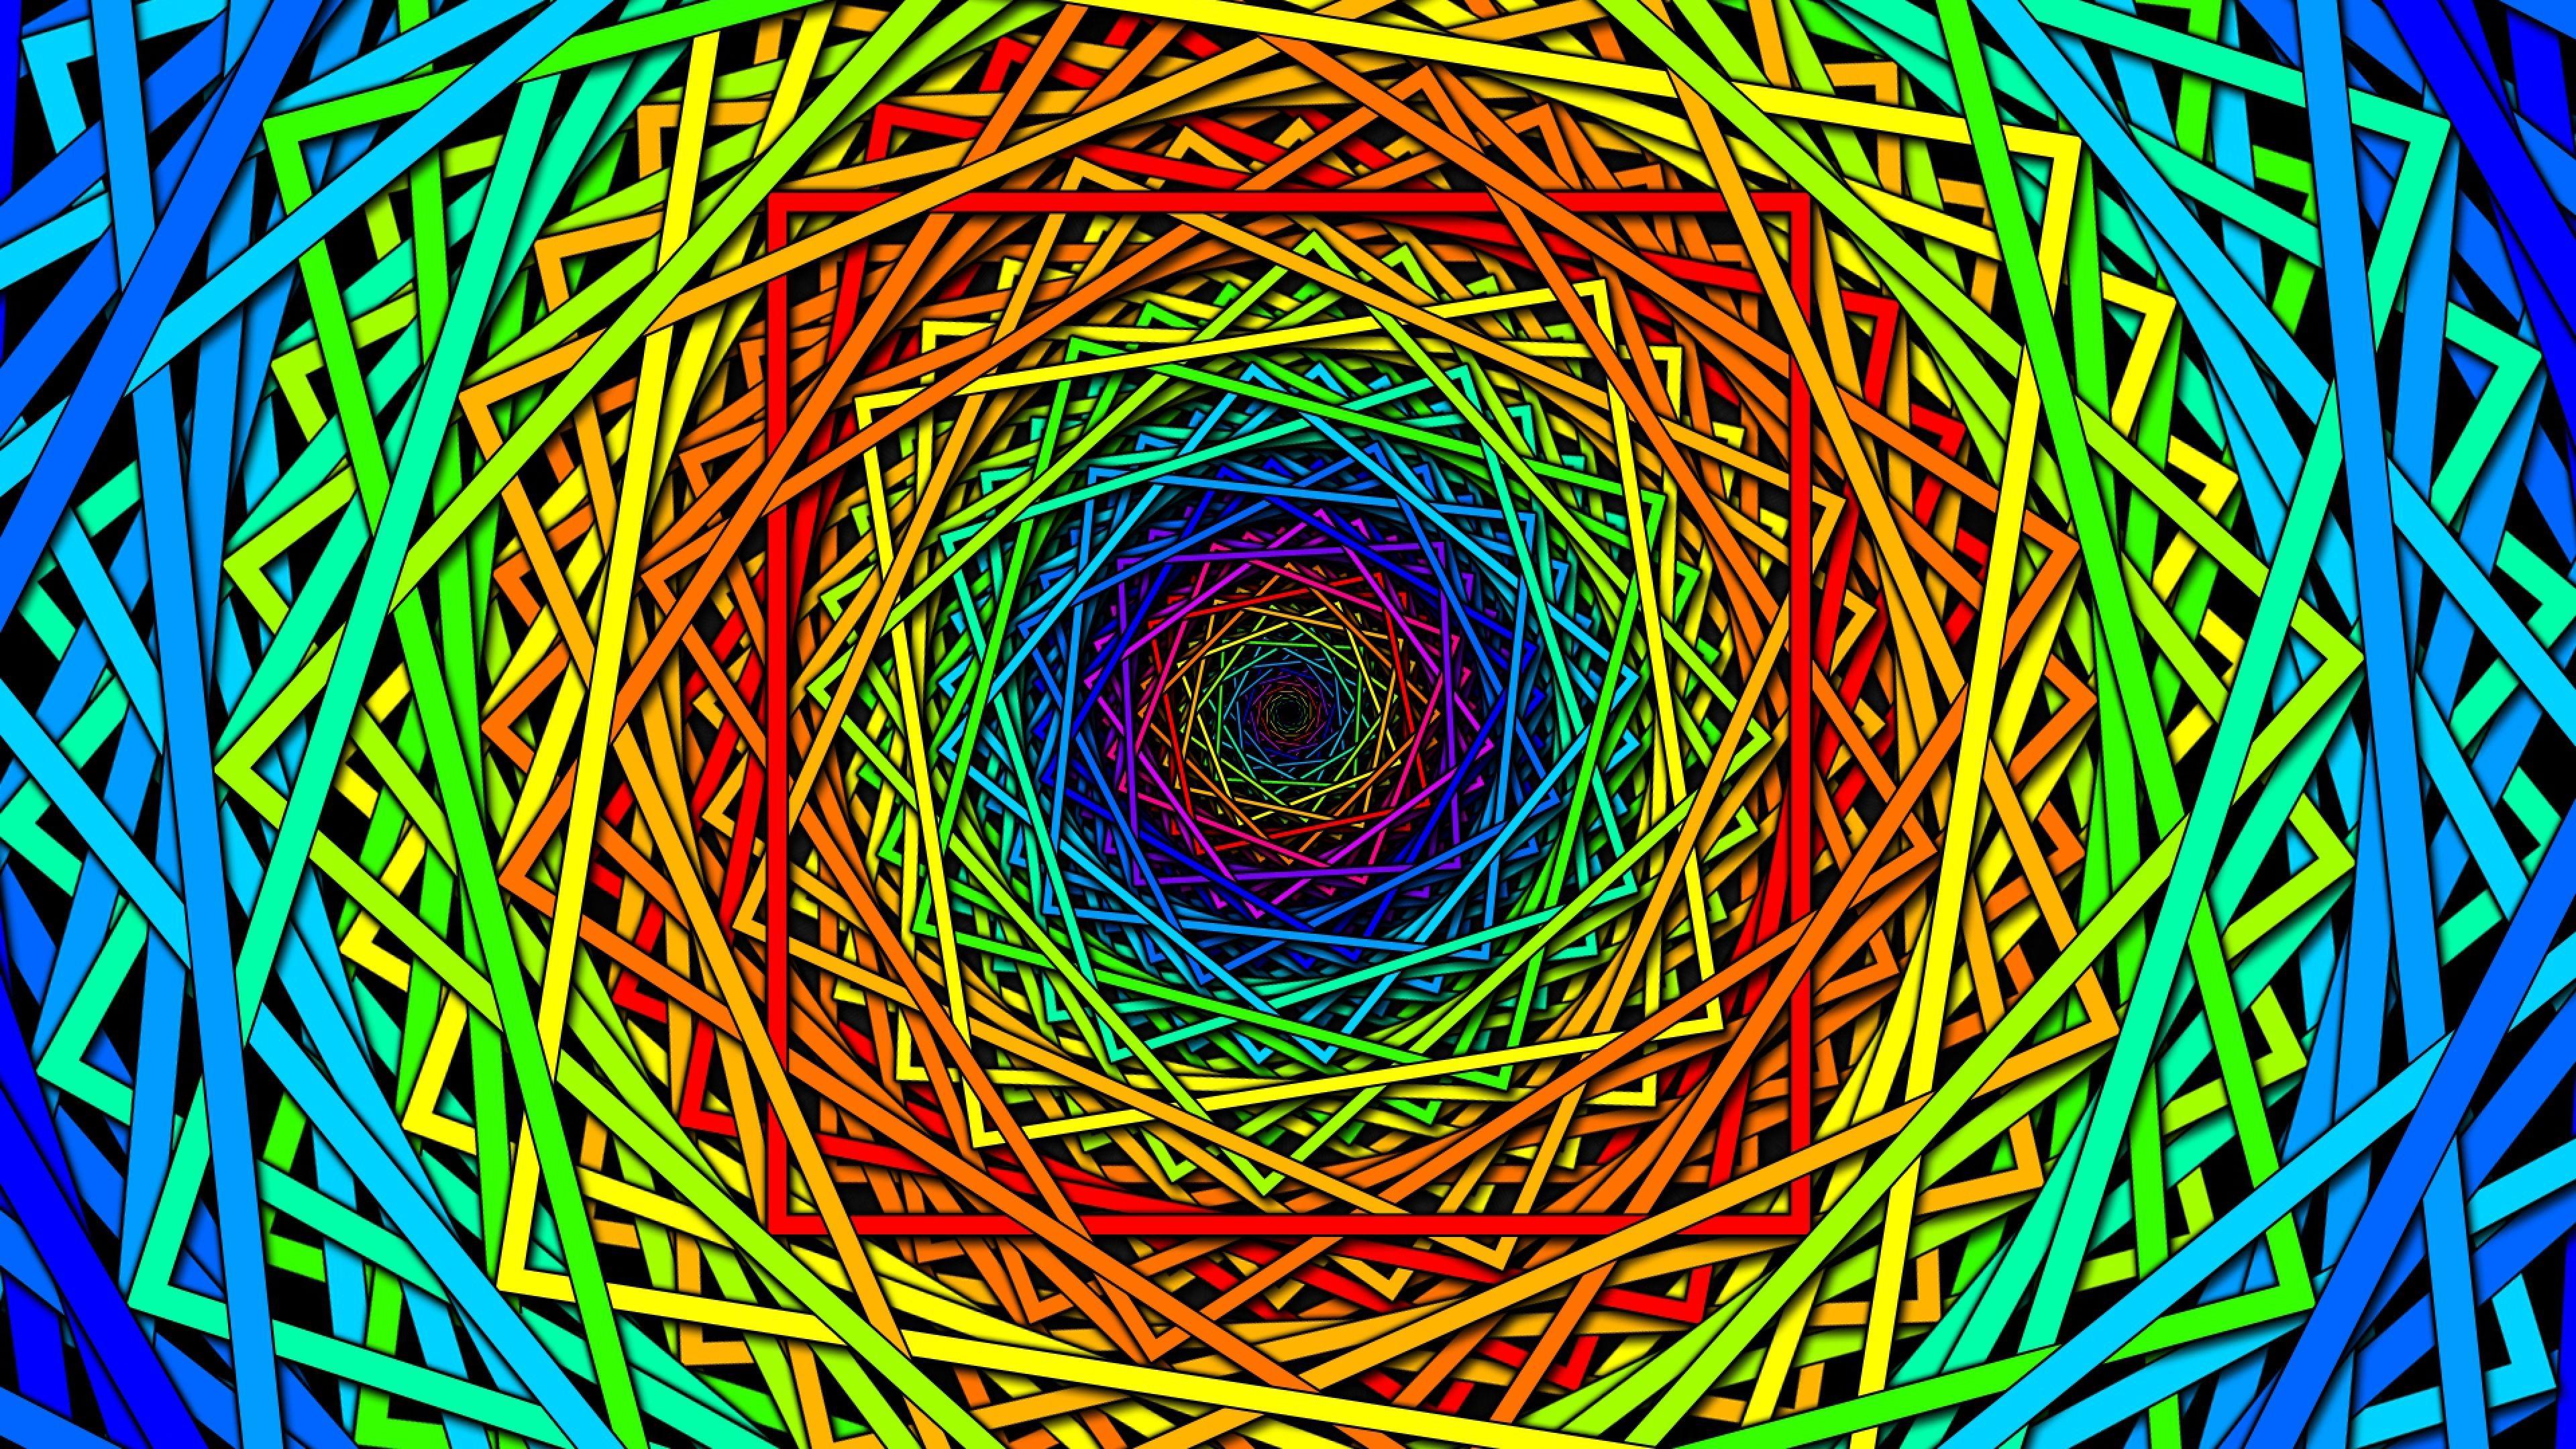 Simple Wallpaper Mac Trippy - 1be50f344884ab33cef47728db07e5e4  Image_67725.jpg